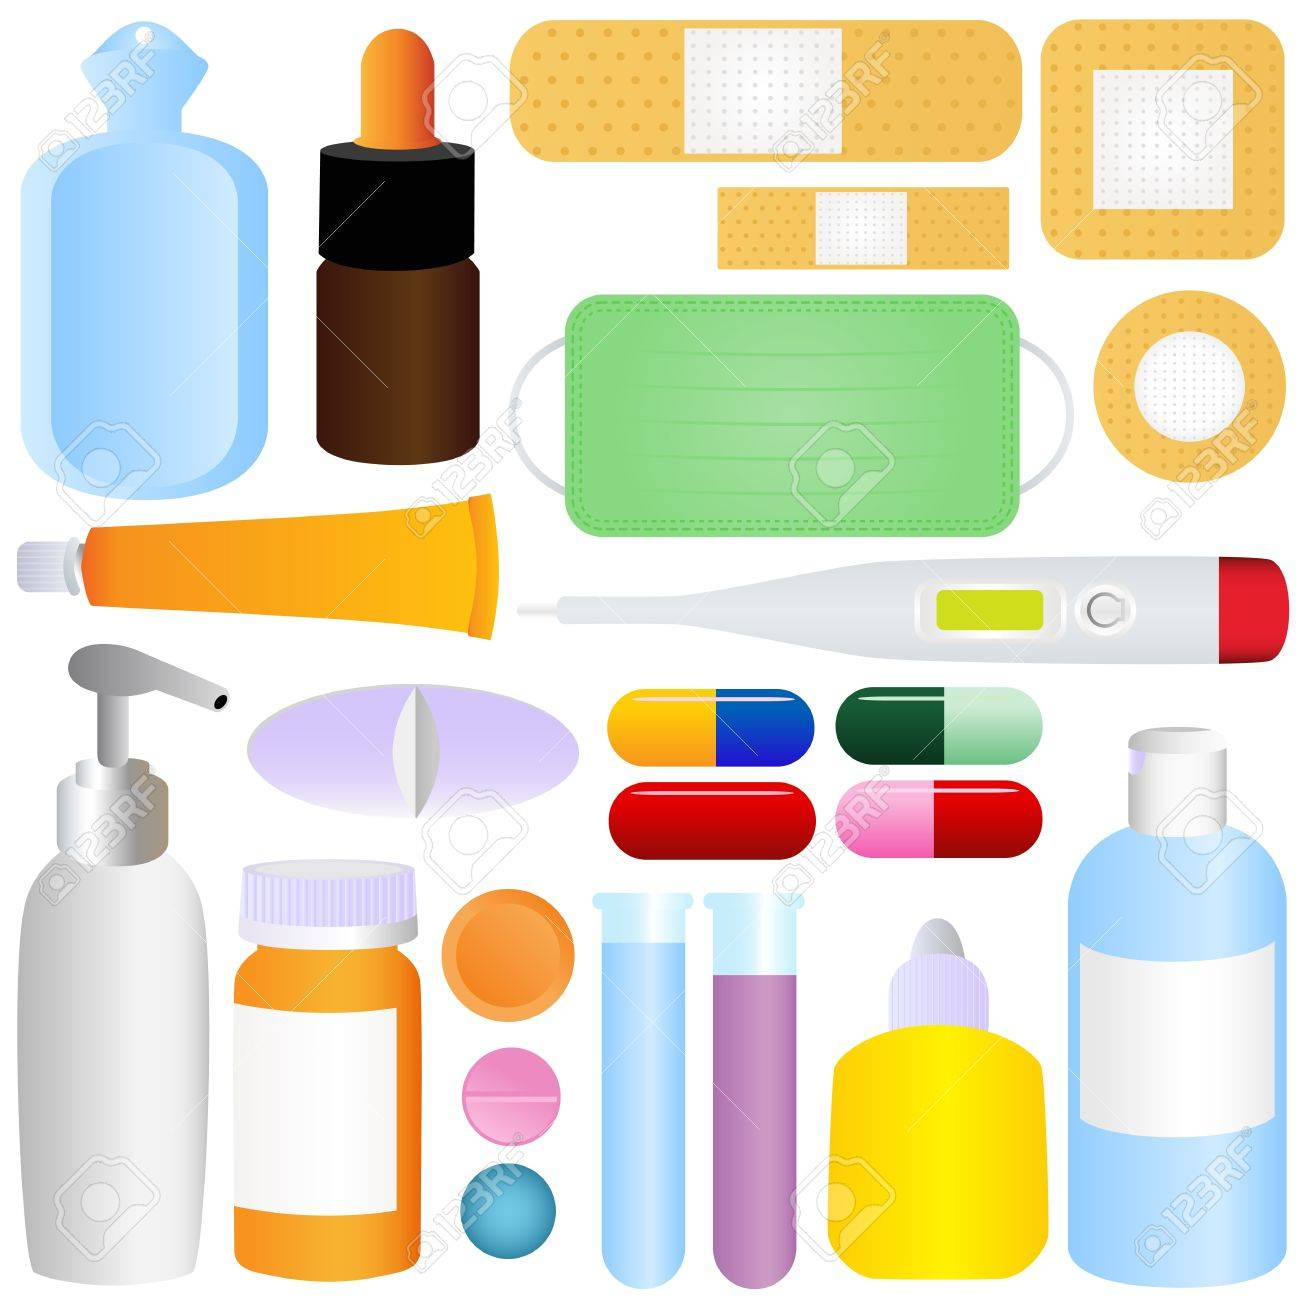 Cute icons: Medicines, Pills, Medical Equipments Stock Vector - 12119611